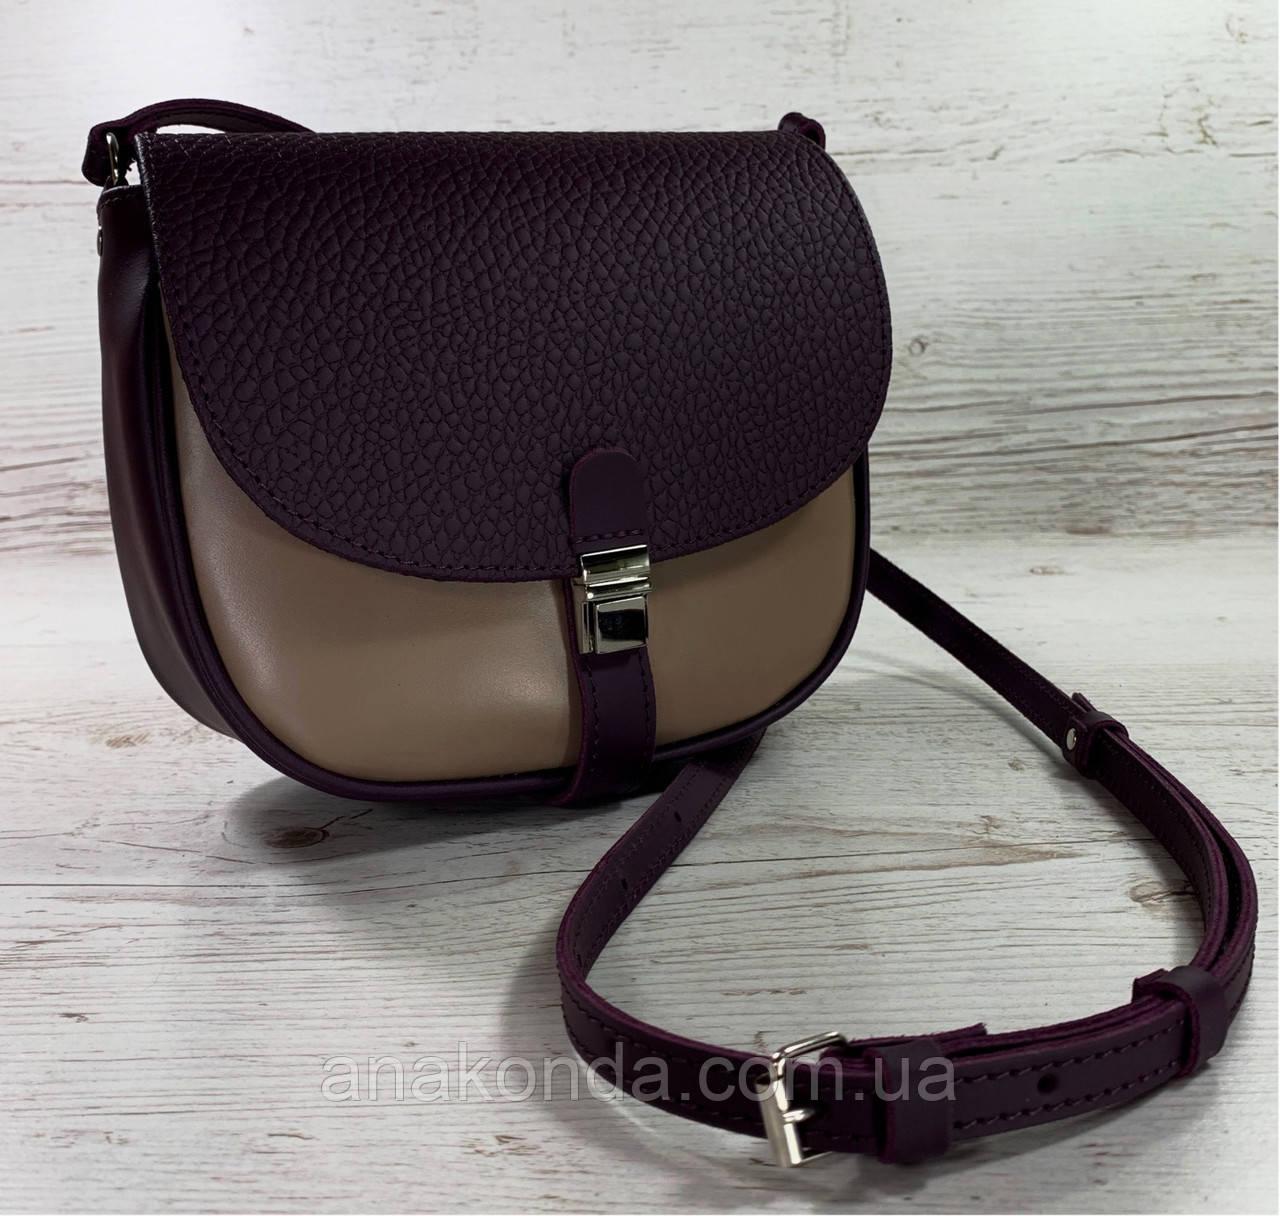 173-4 Сумка женская из натуральной кожи фиолетовая сумка кросс-боди баклажан кожаная сумка женская через плечо